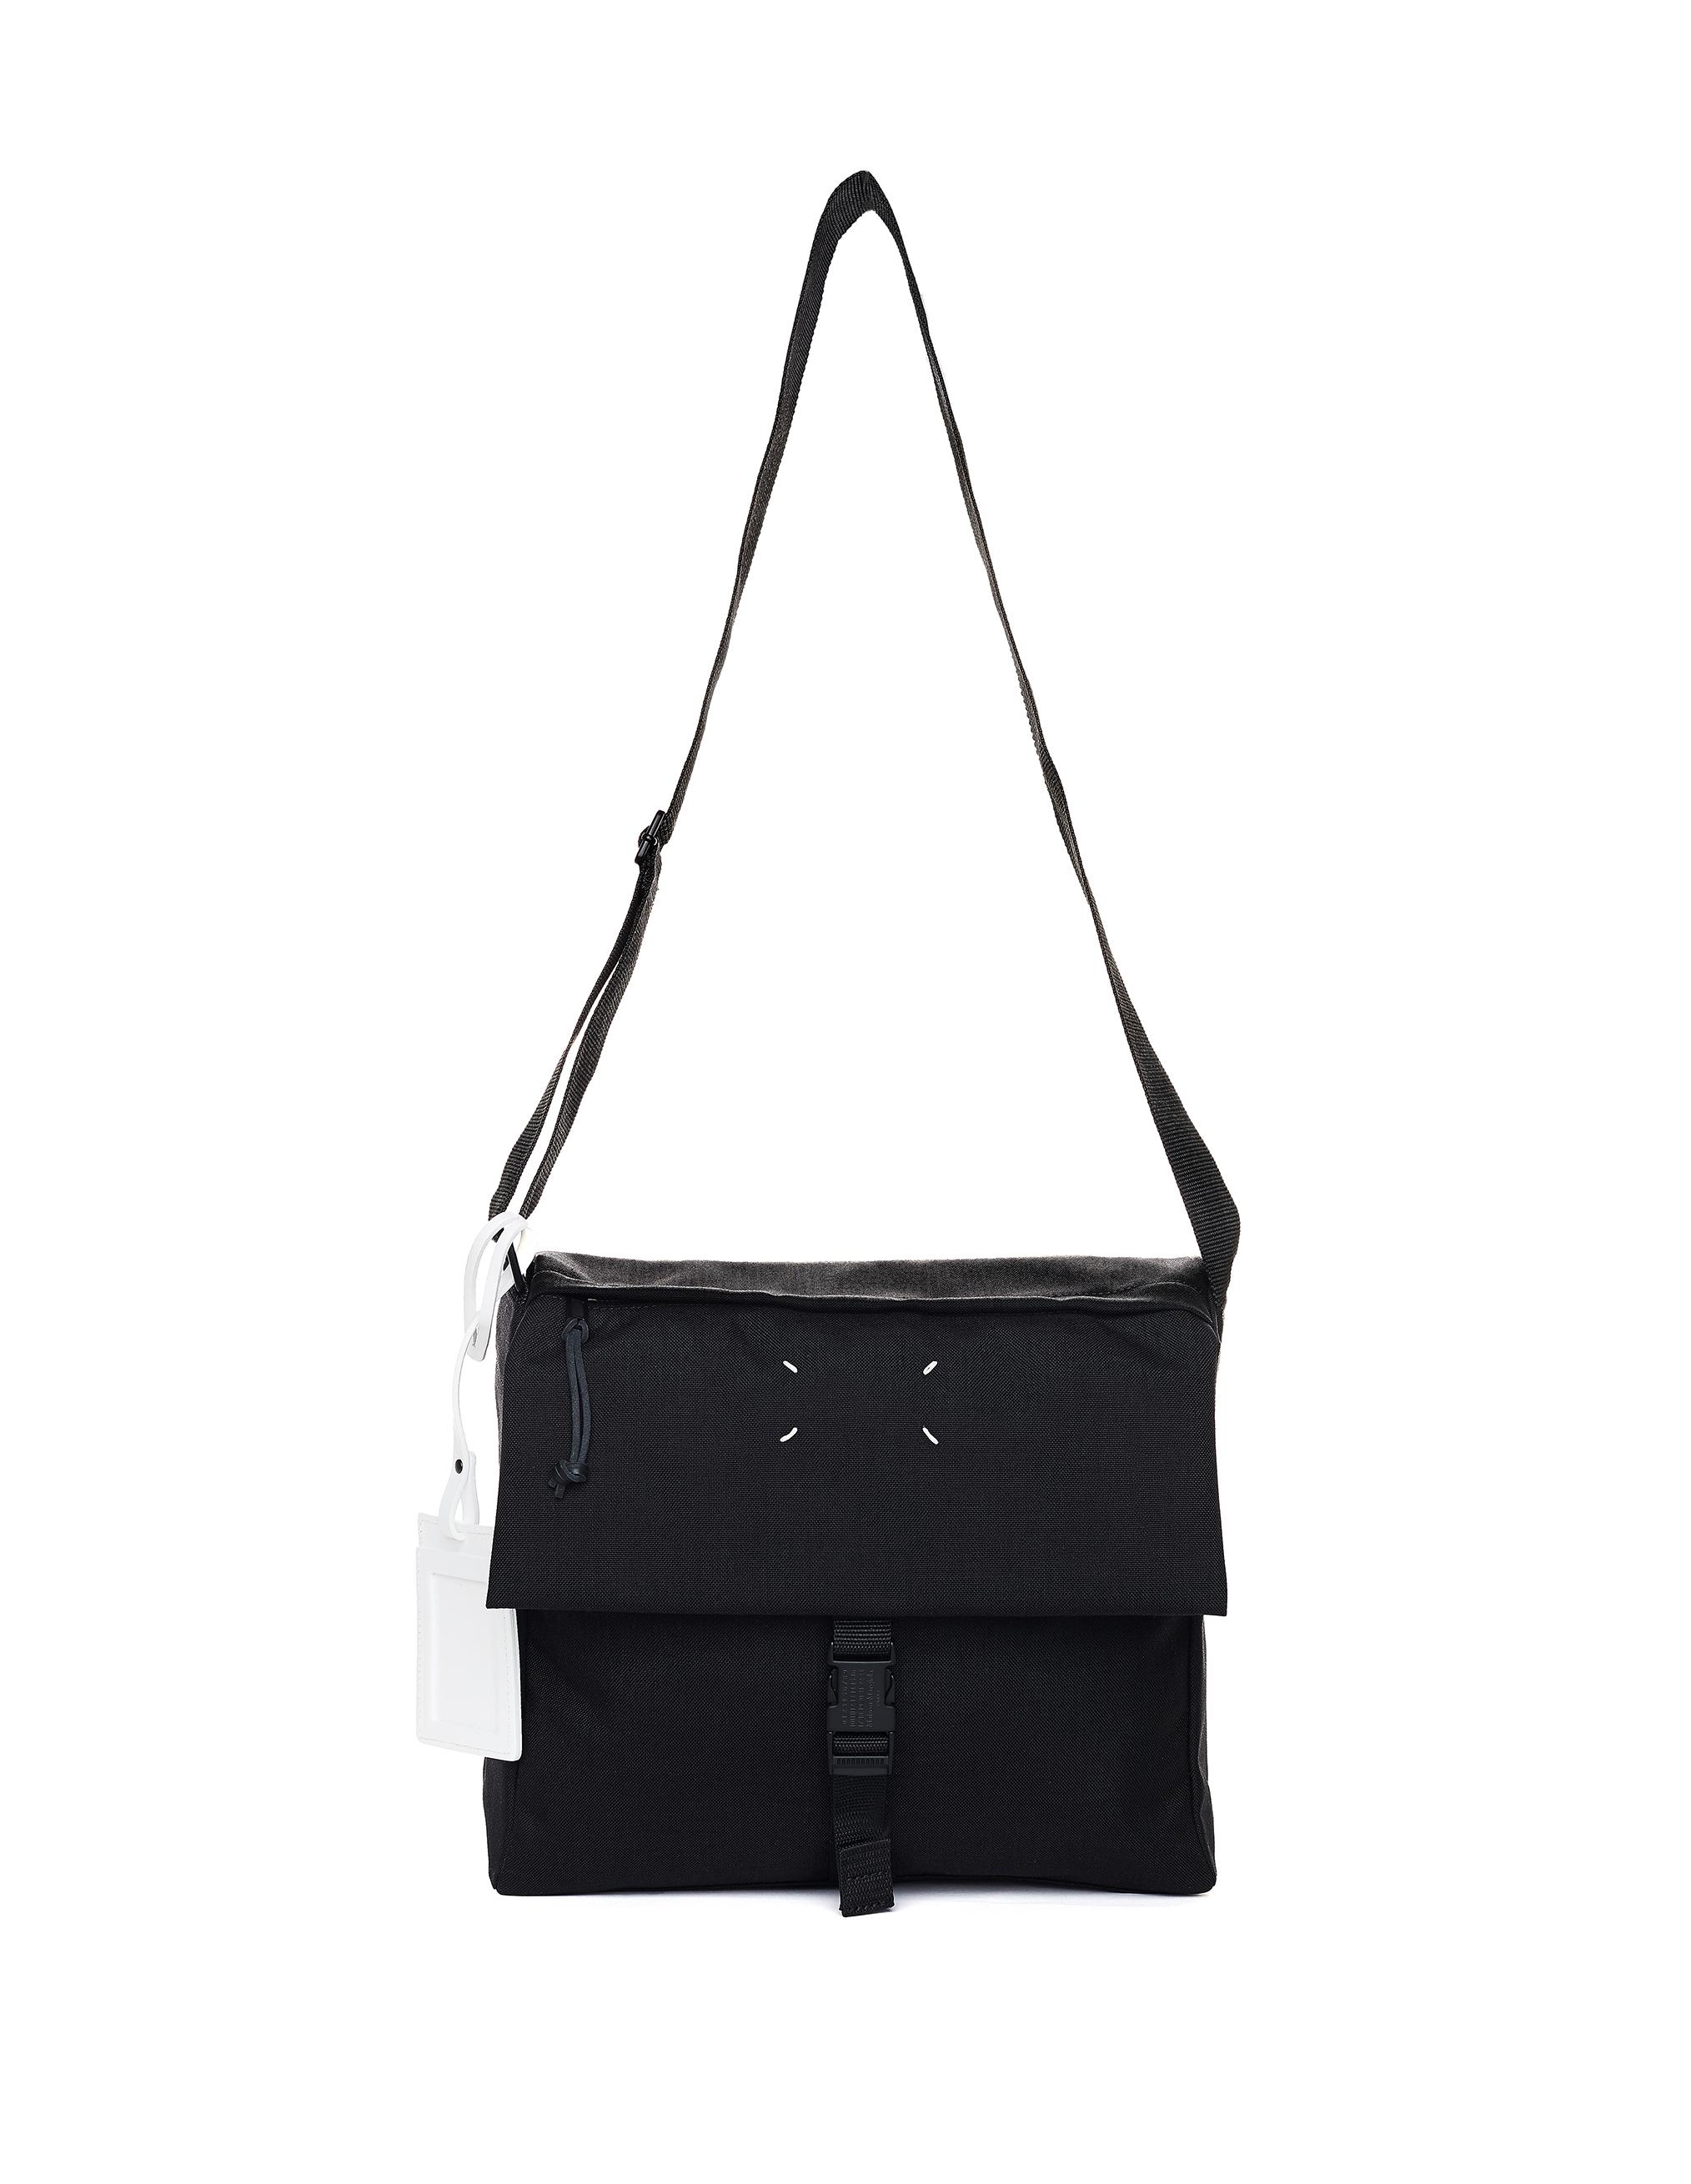 Maison Margiela Black Stereotype Bag